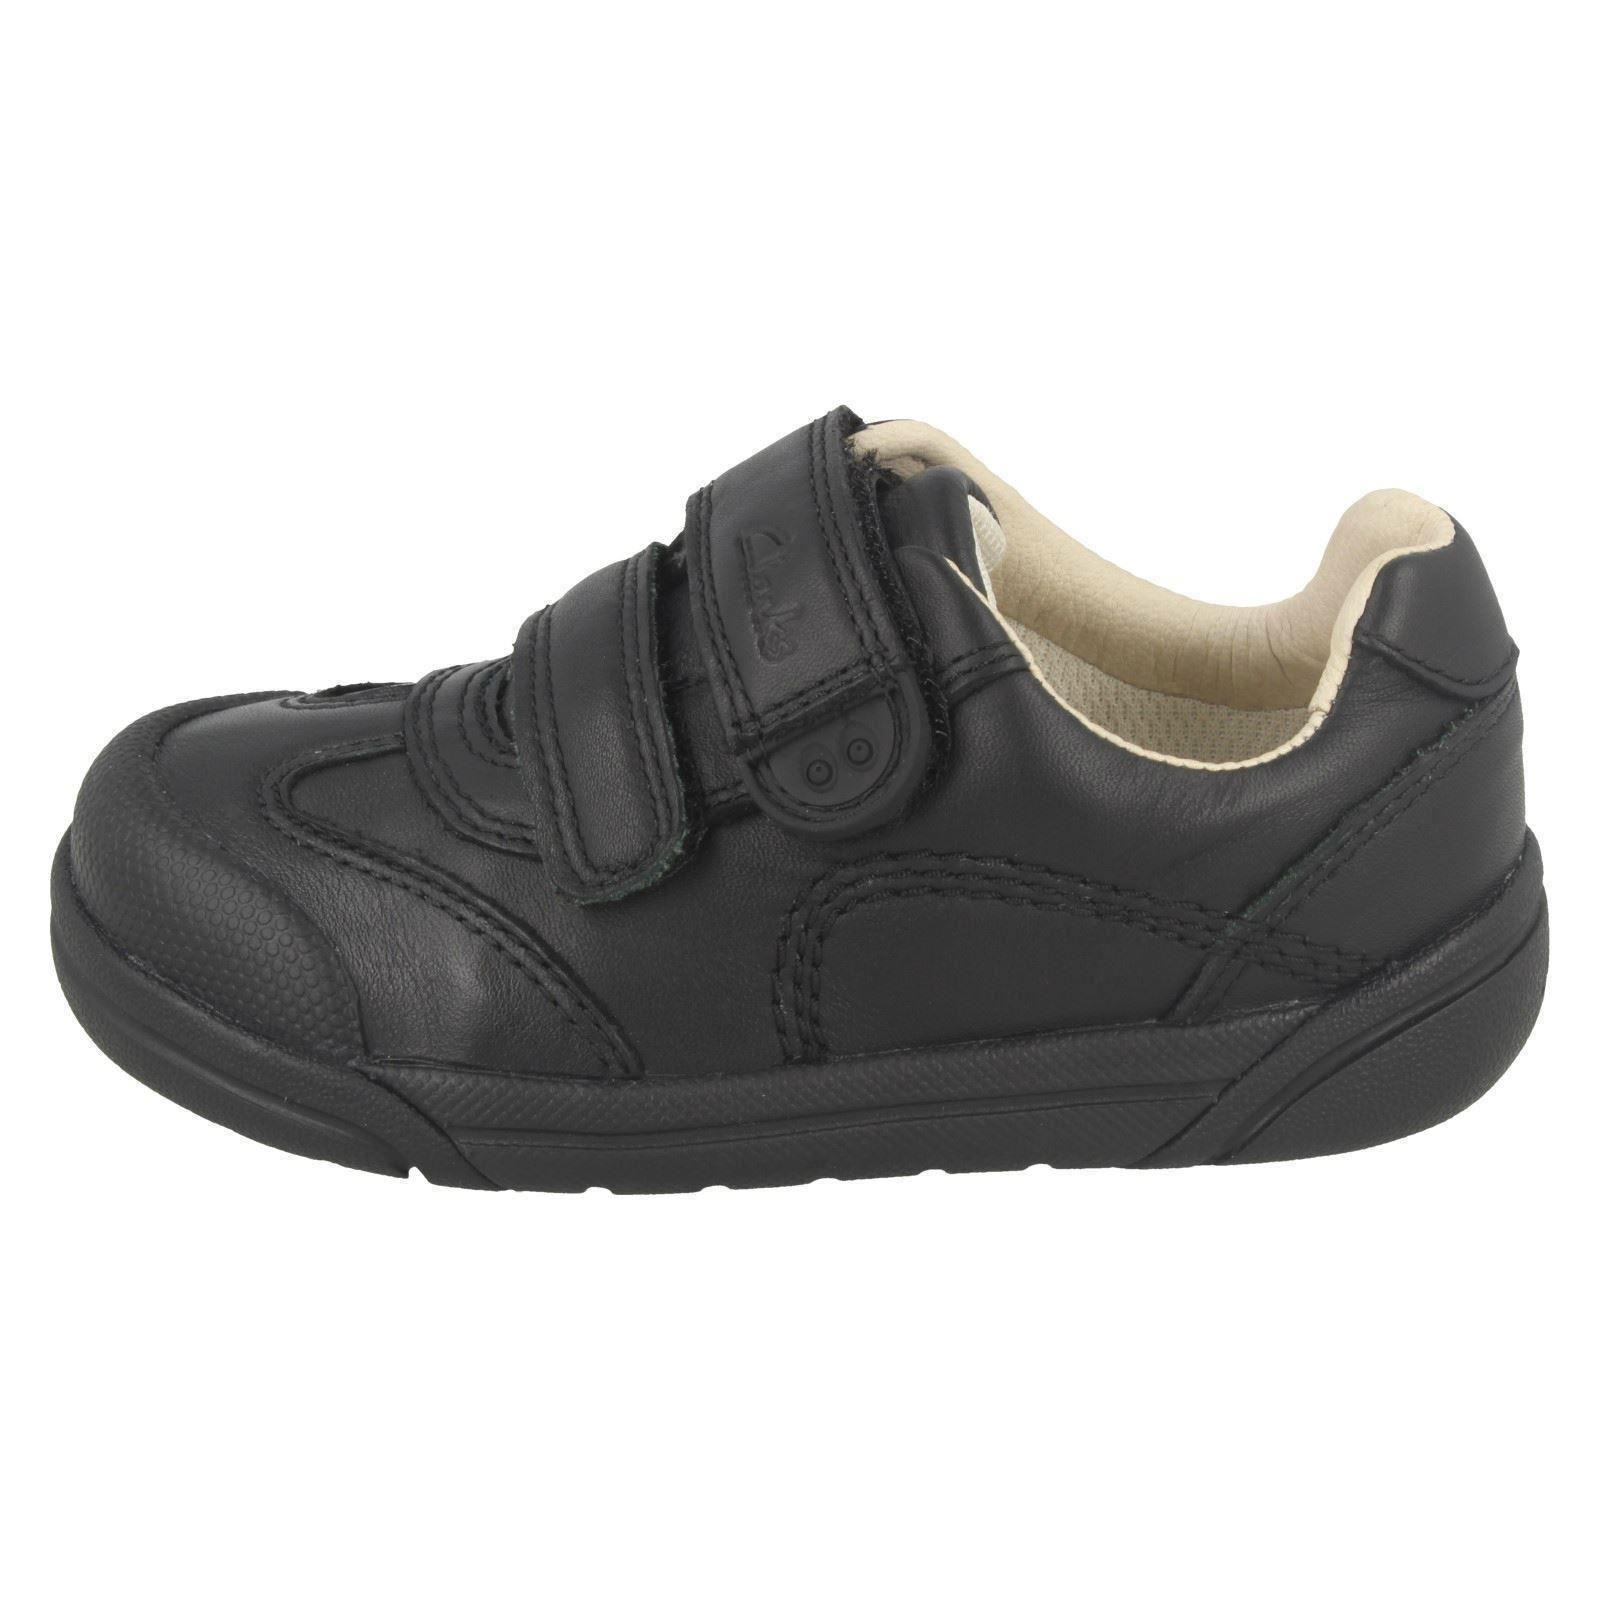 Chicos Clarks Zapatos Informales de Cuero Inteligente Escuela el estilo-lilfolk Zoo